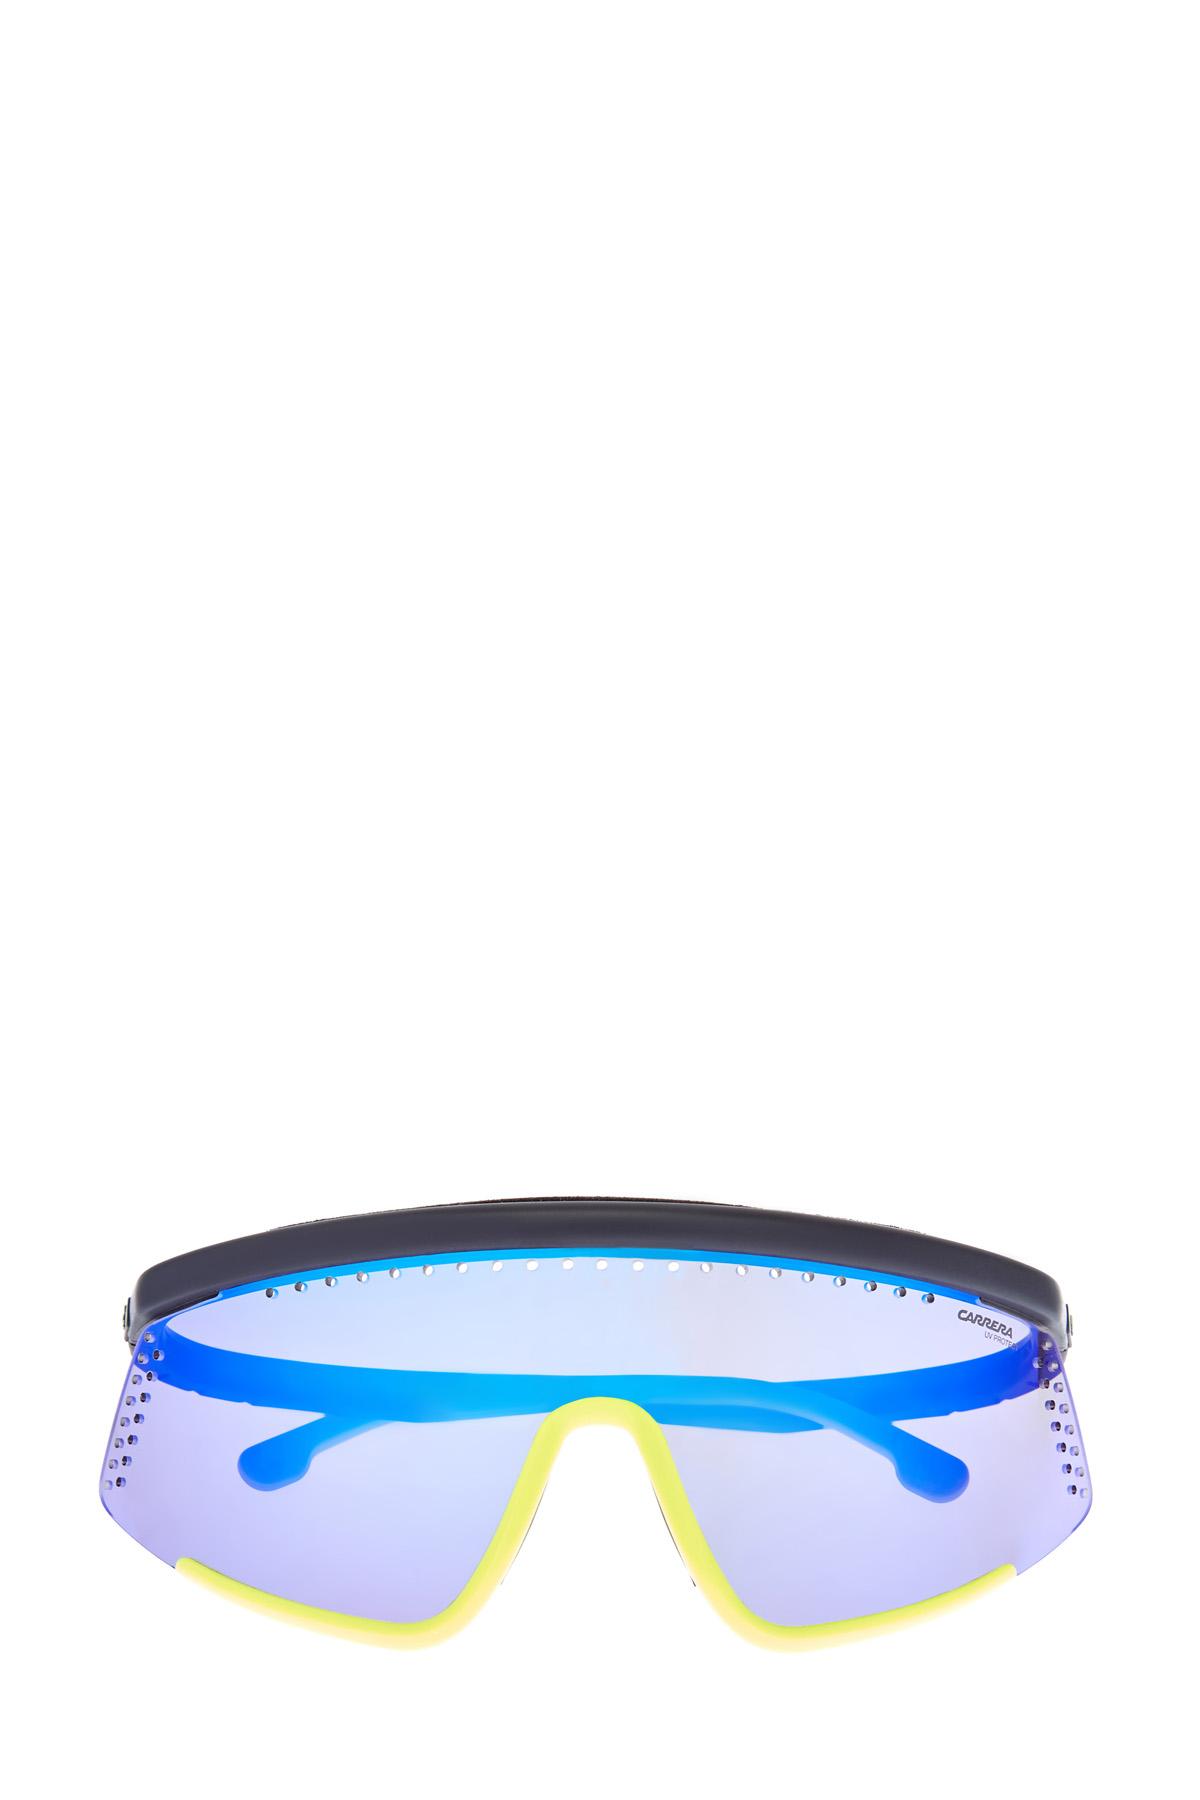 Спортивные очки-маска Hyper Fit в стиле colorblock с зеркальными линзами фото